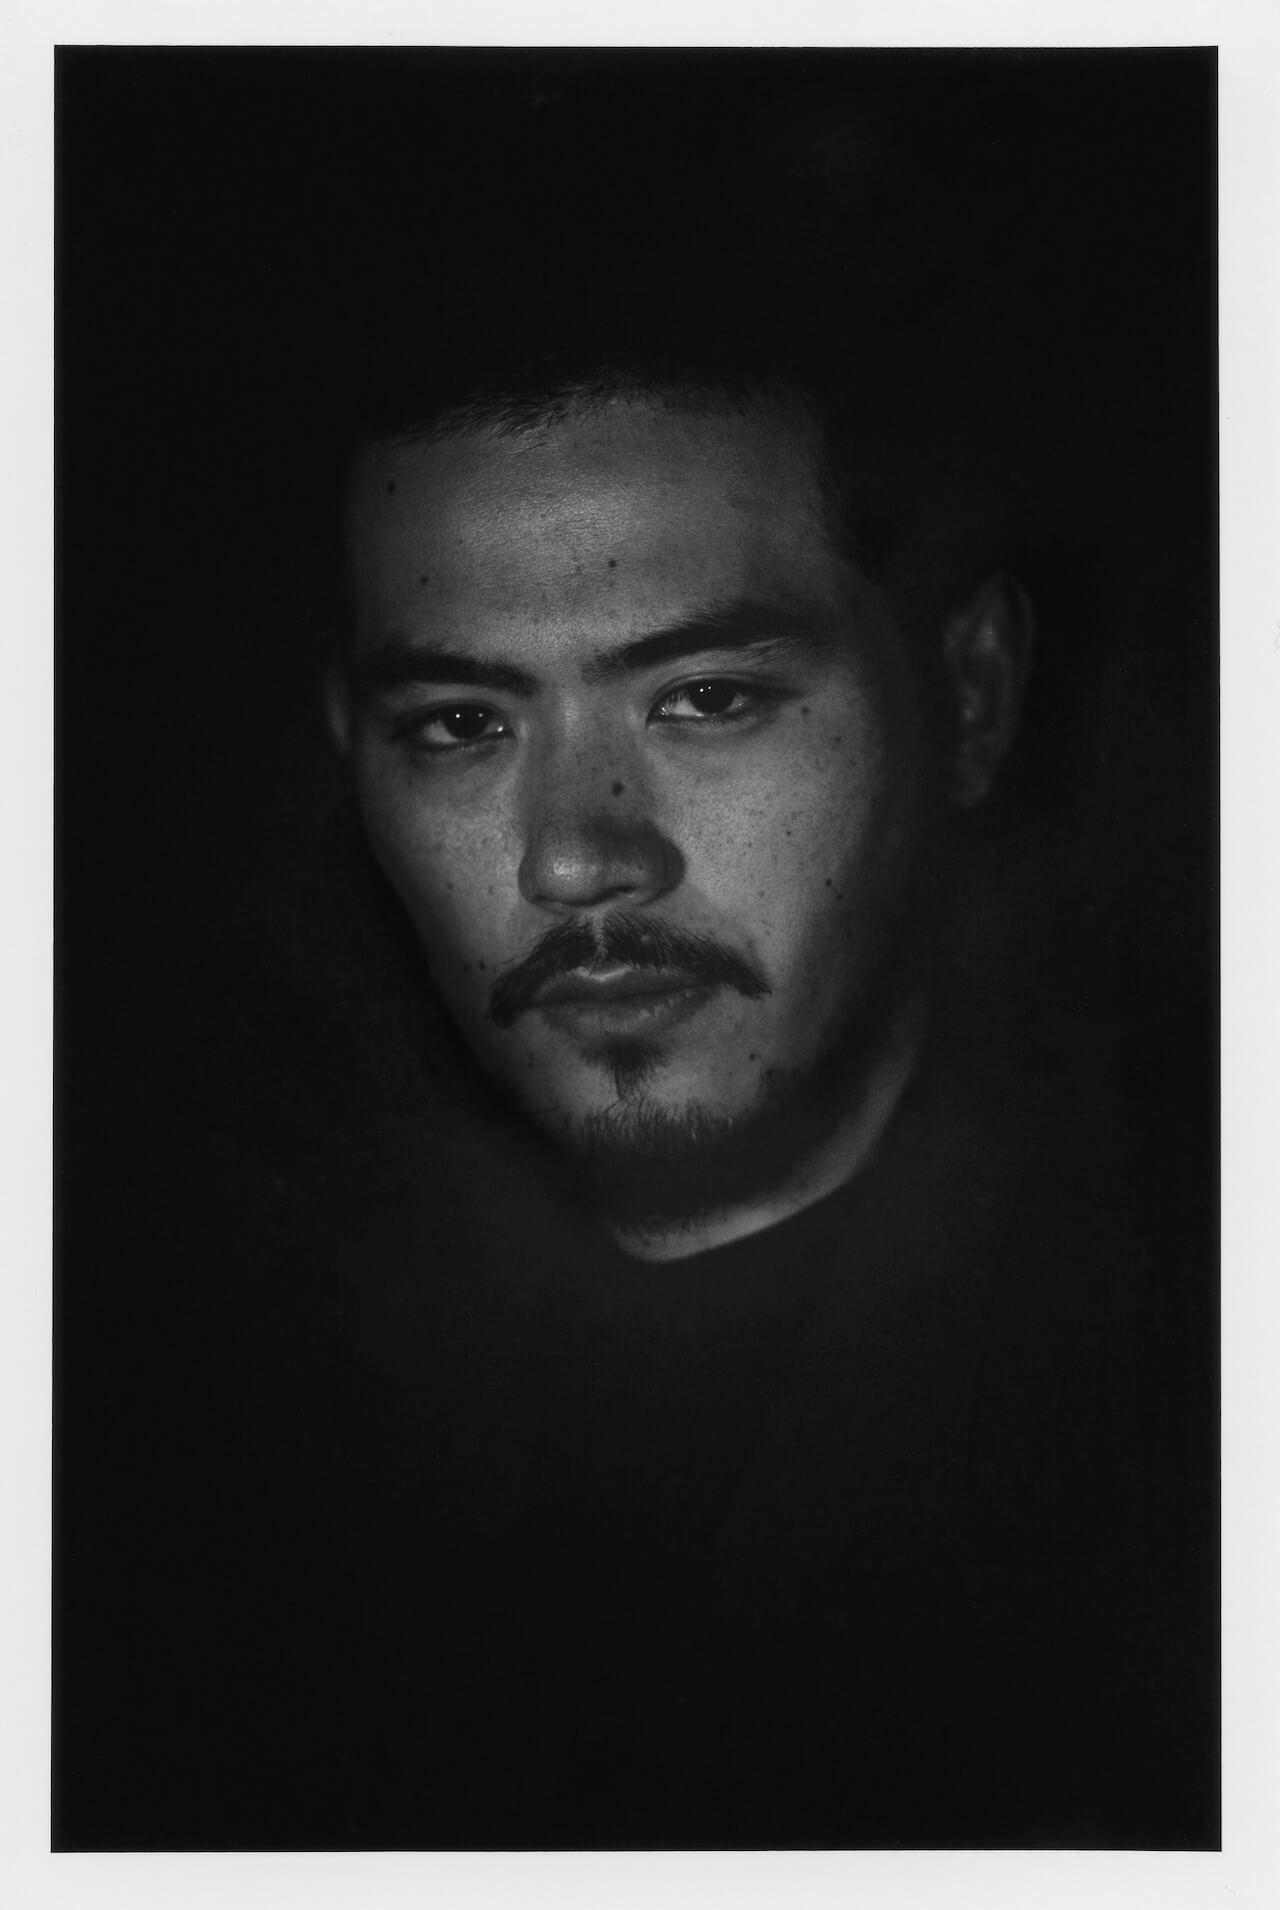 高岩遼よりスペシャルなお知らせが到着──自叙伝『30』が発売決定! music200723-takaiwaryo-5